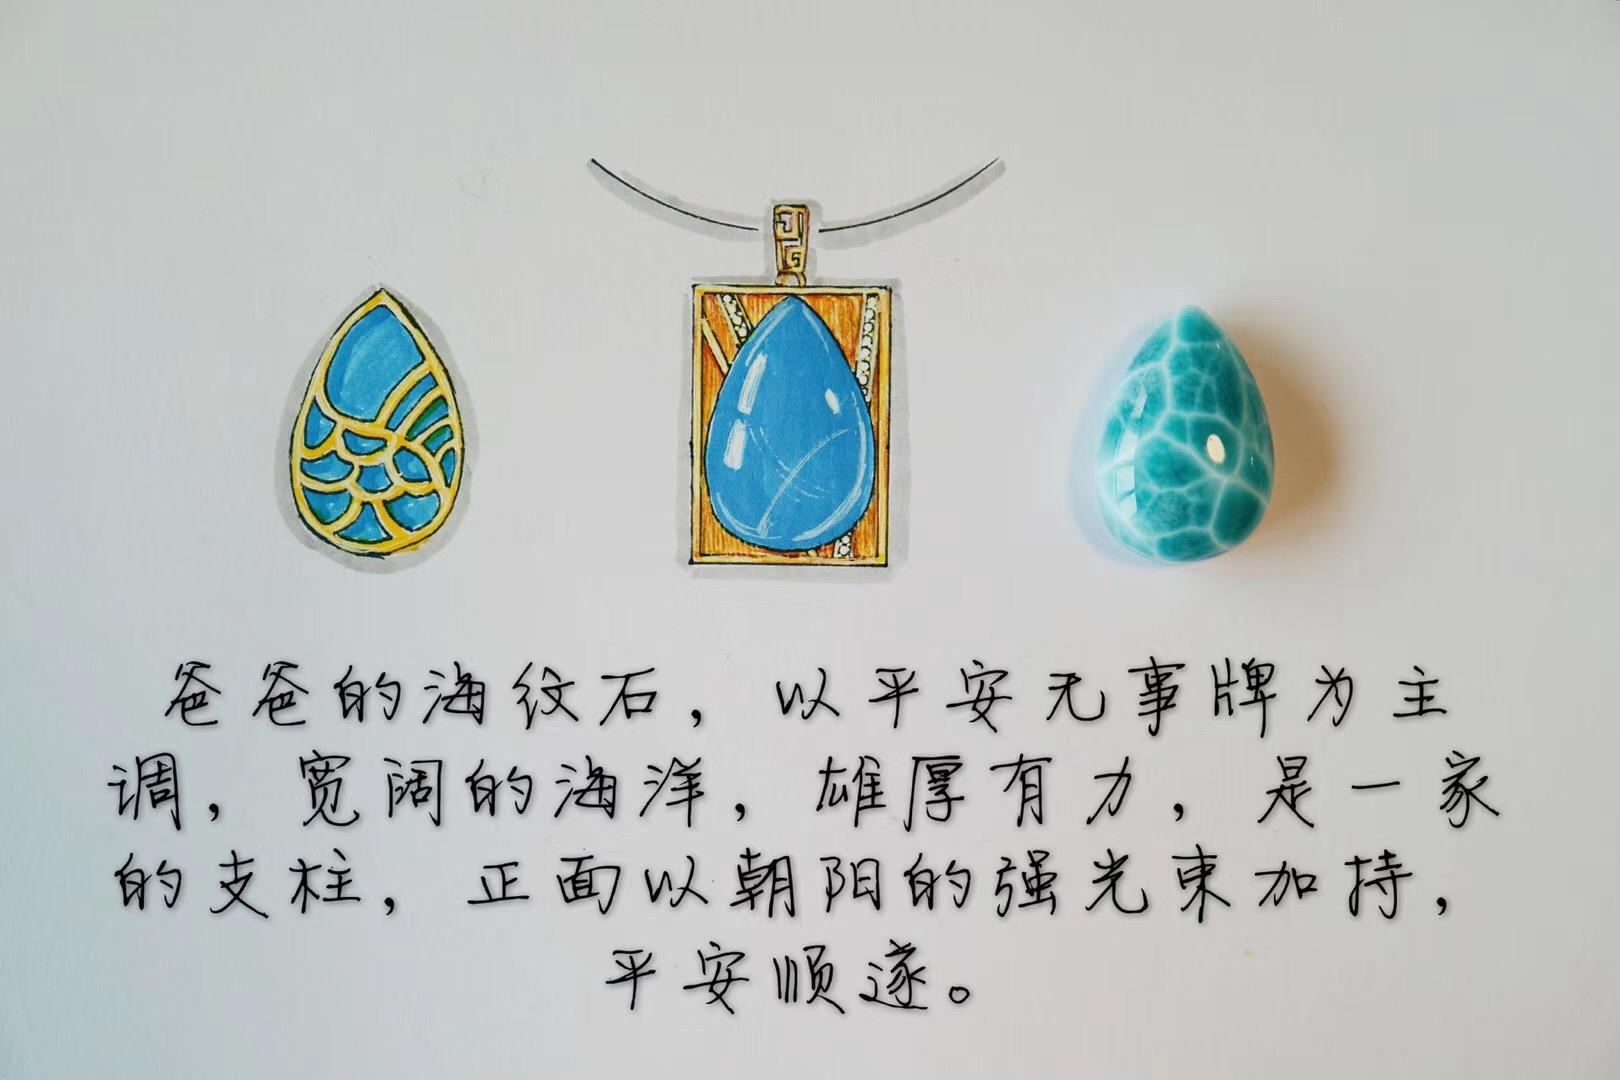 【菩心-海纹石客订】极品海纹石&家庭装设计完工~~~-菩心晶舍